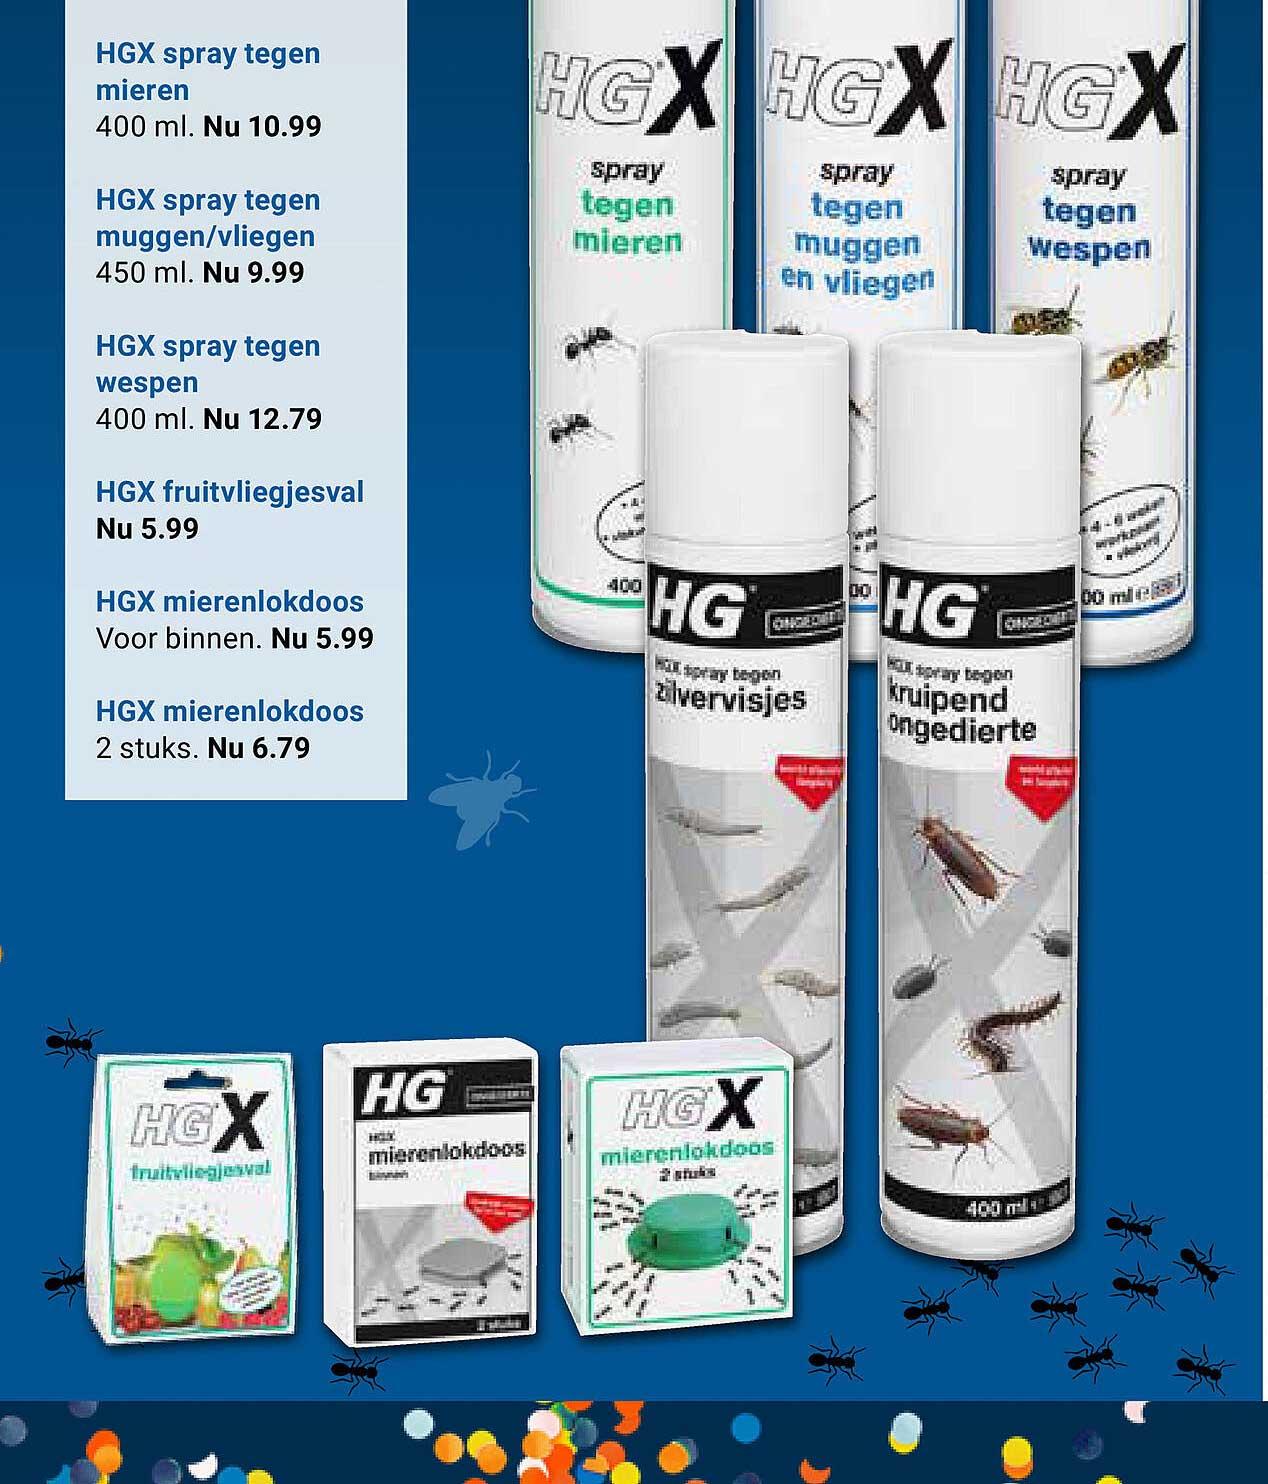 KlusWijs HGX Spray Tegen Mieren, HGX Spray Tegen Muggen-Vliegen, HGX Spray Tegen Wespen, HGX Fruitvliegjesval Of HGX Mierenlokdoos